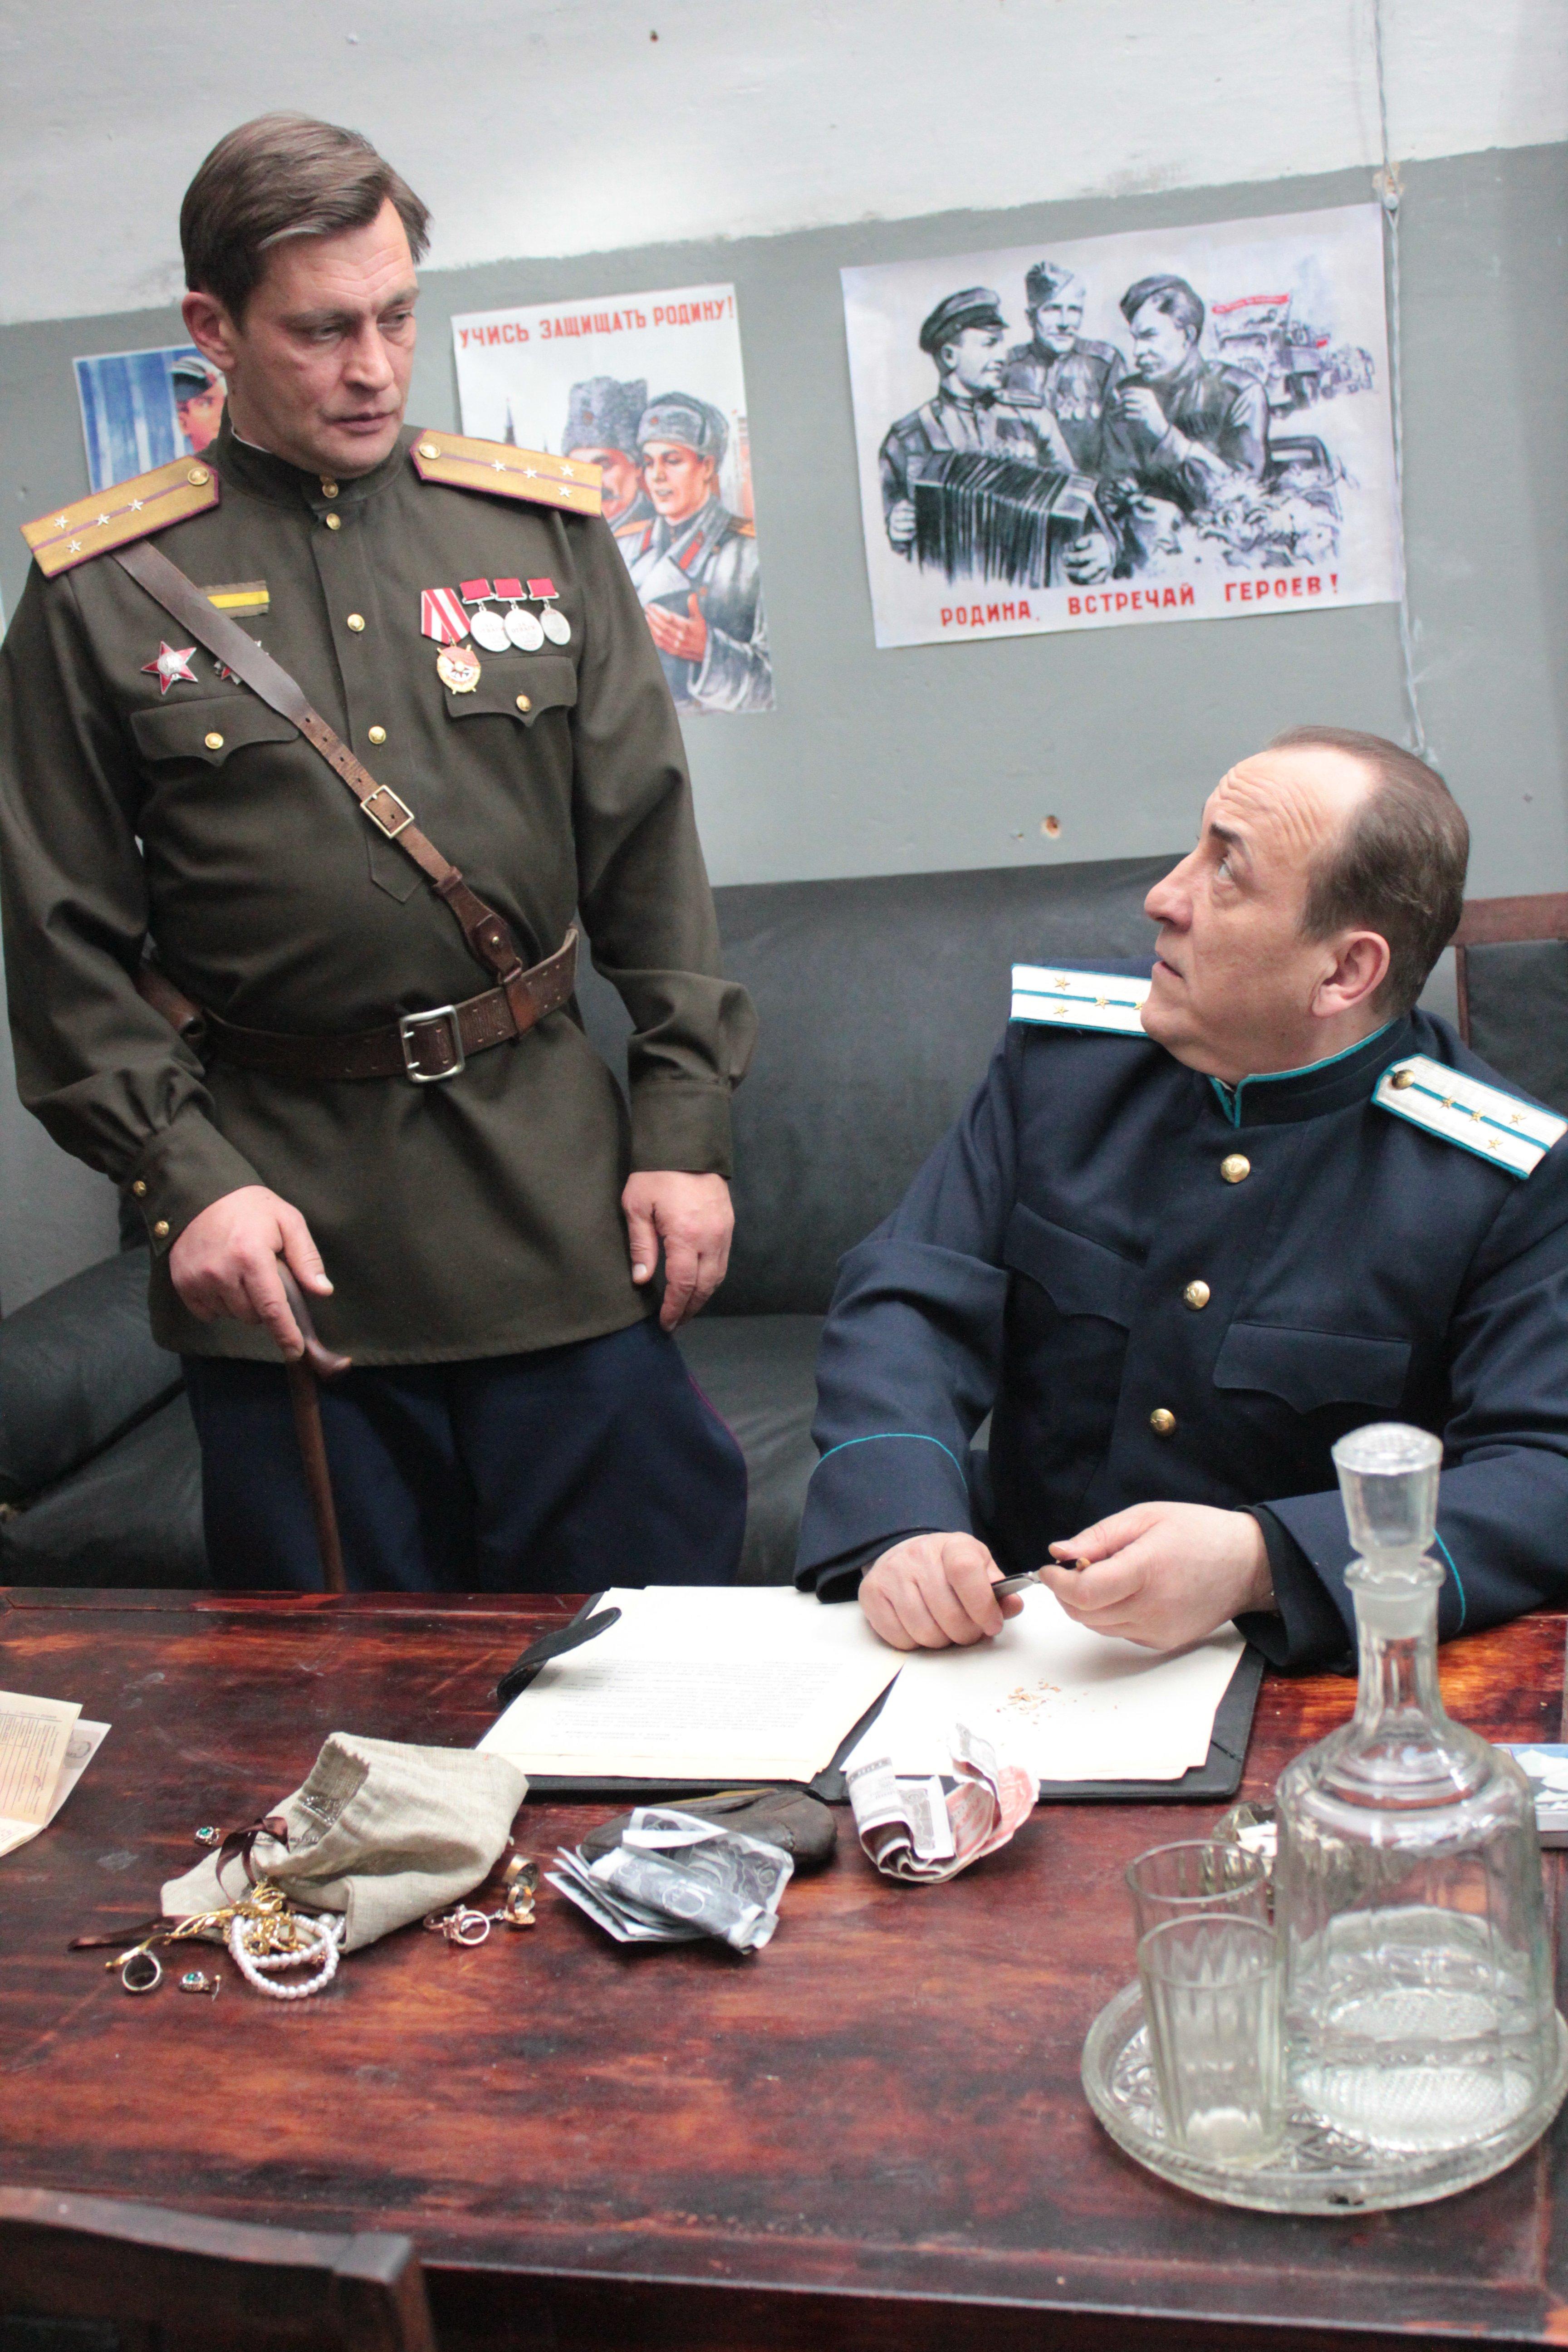 Домогаров перевоплотился в Хауса и Жеглова